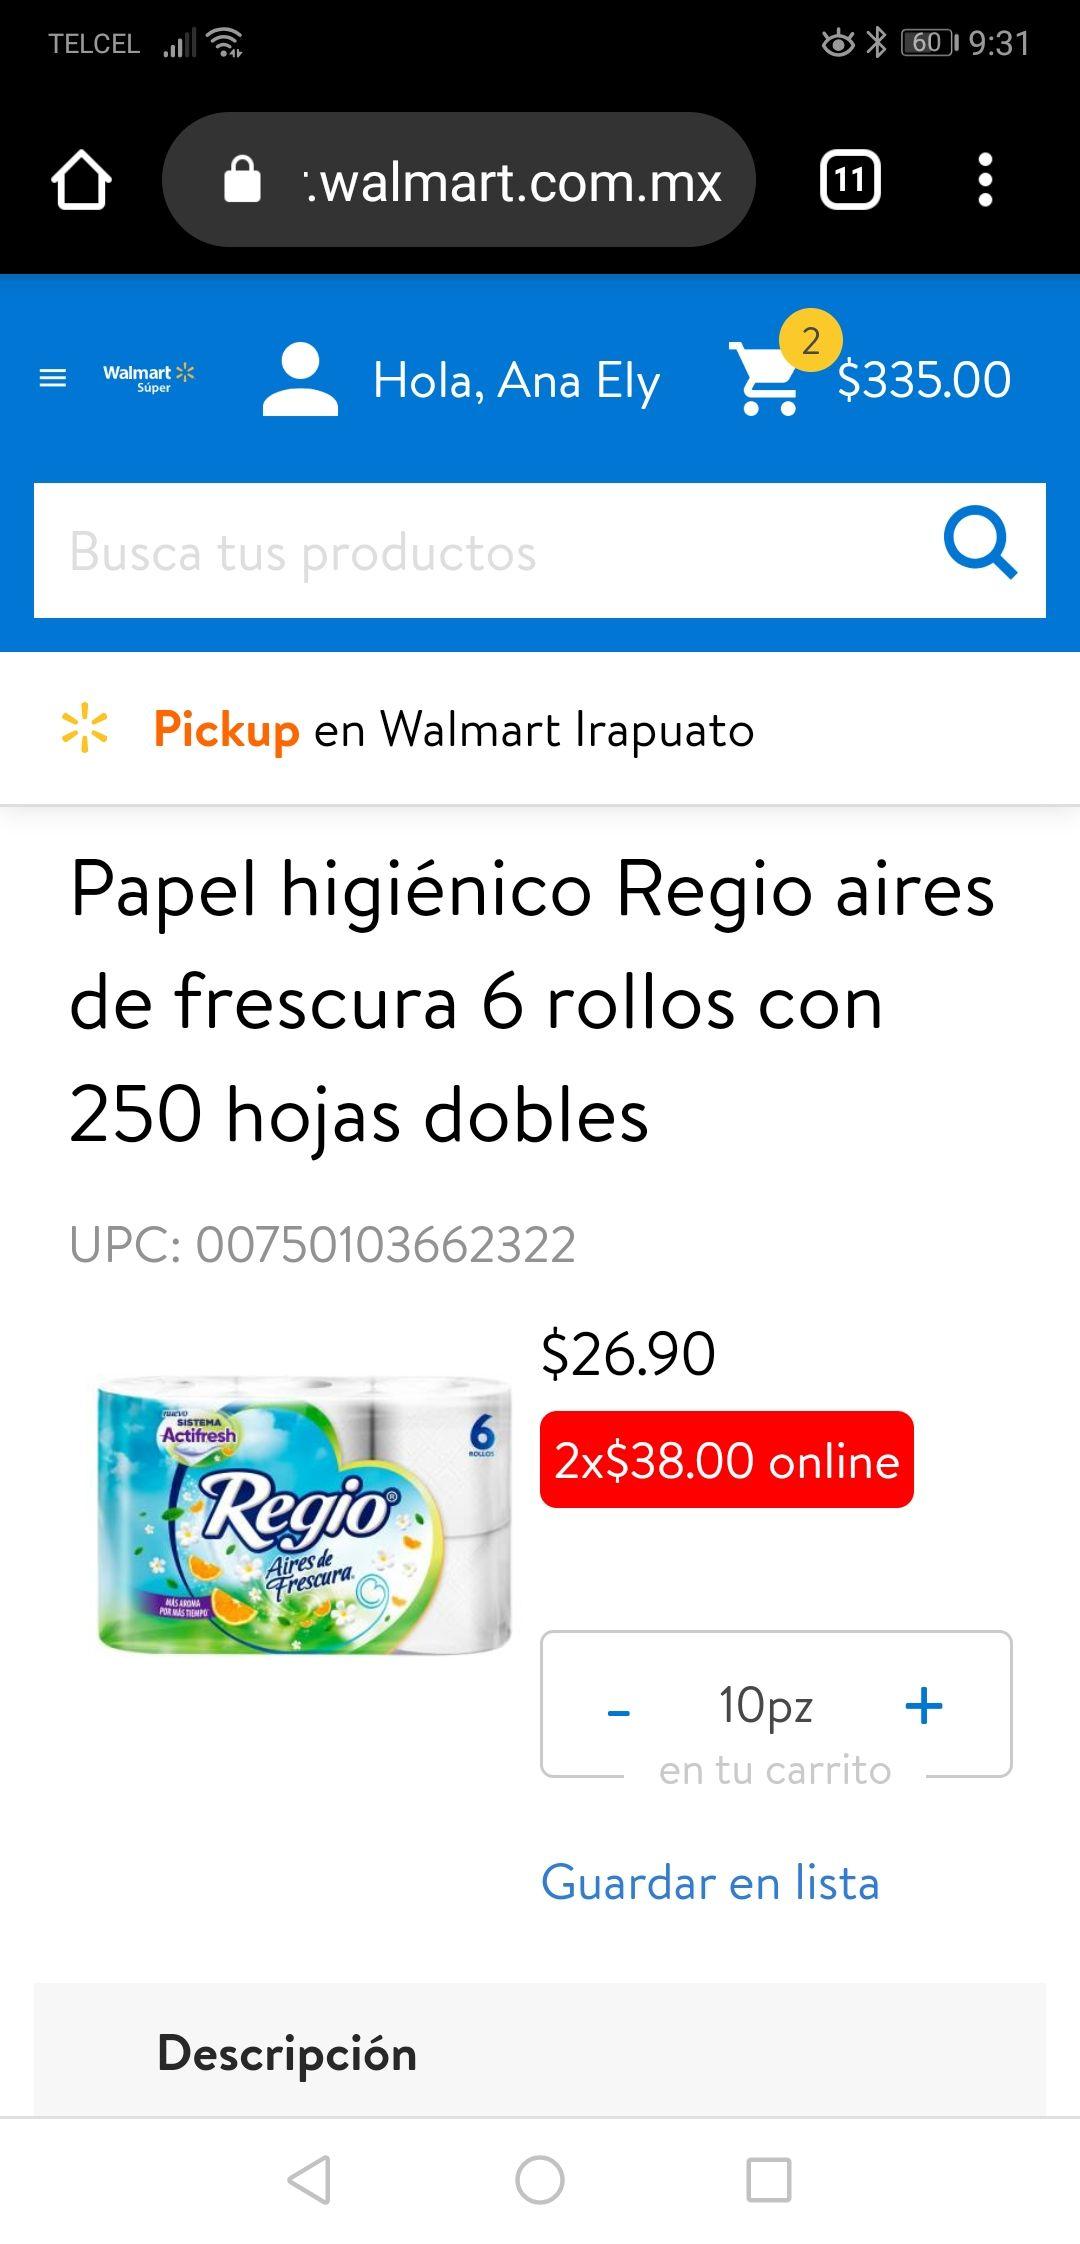 Walmart en línea, 2 paquetes de papel higiénico regio con 6 rollos de 250 hojas dobles.